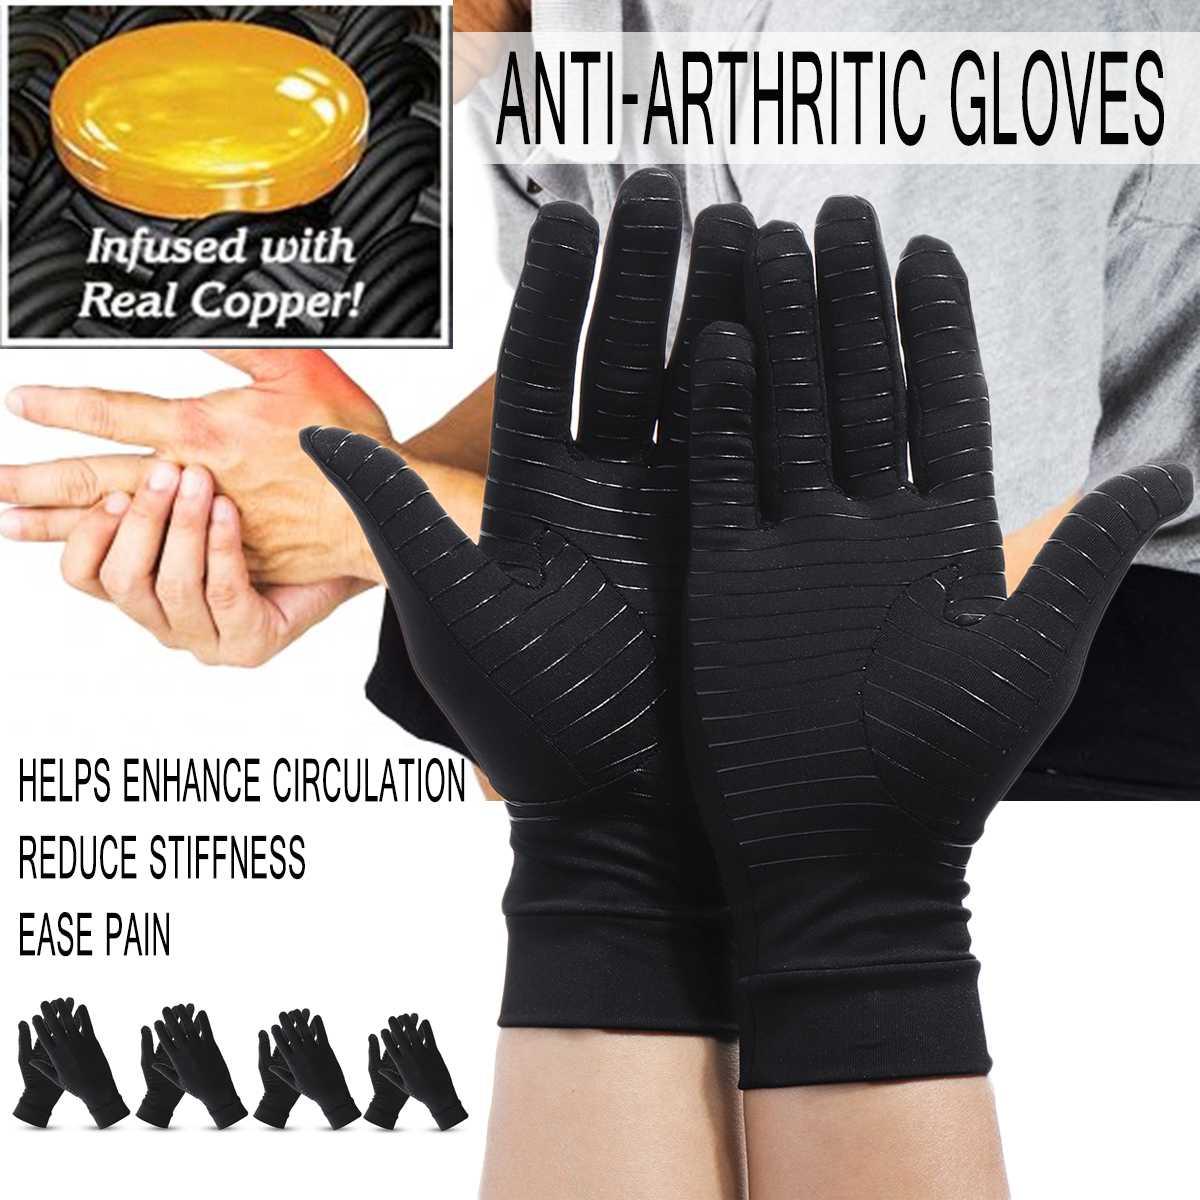 Luvas de compressão de fibra de cobre femininas, luvas de compressão de dedo completo para terapia, alívio de dor nas juntas, 1 par